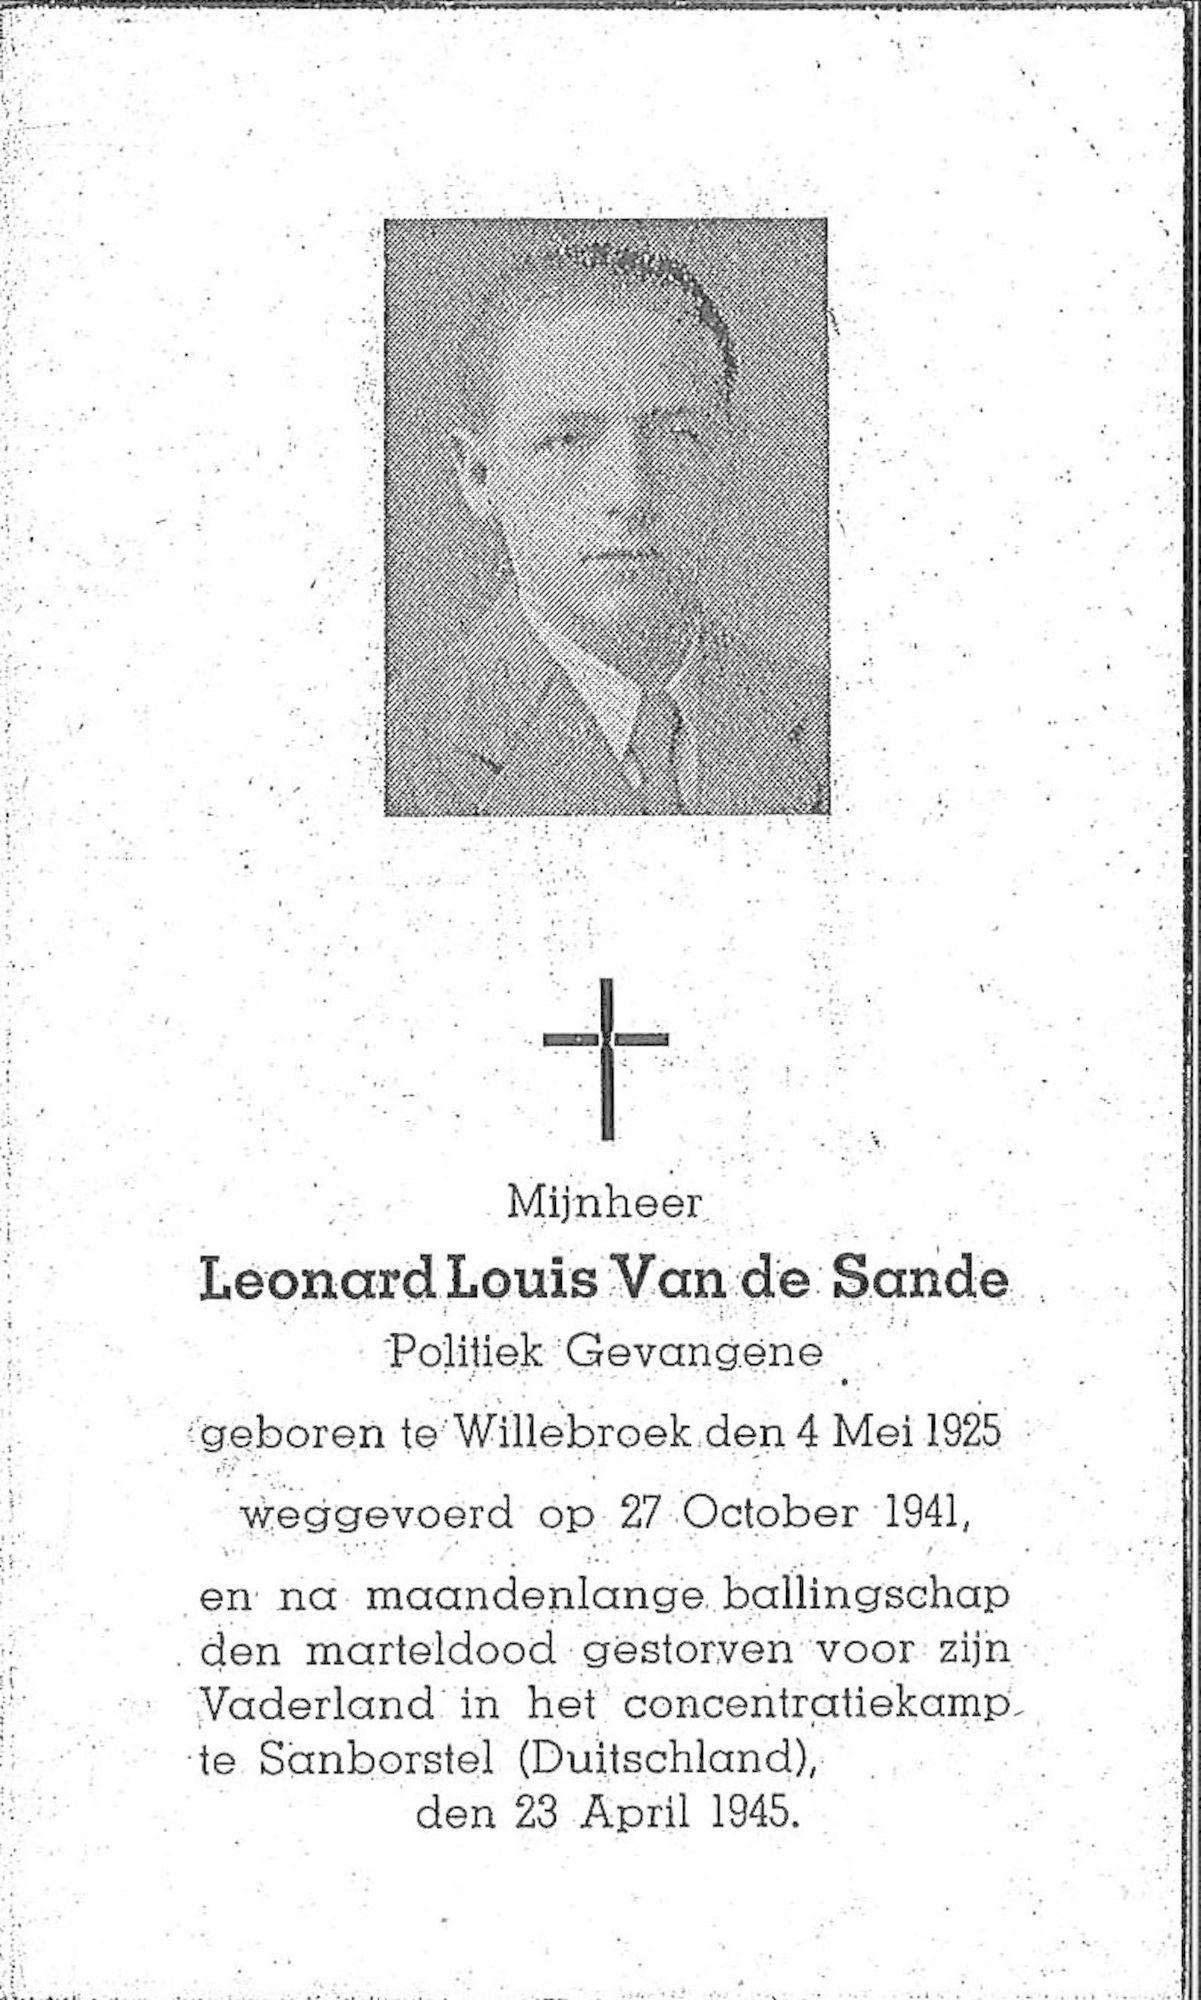 Leonard-Louis Van de Sande